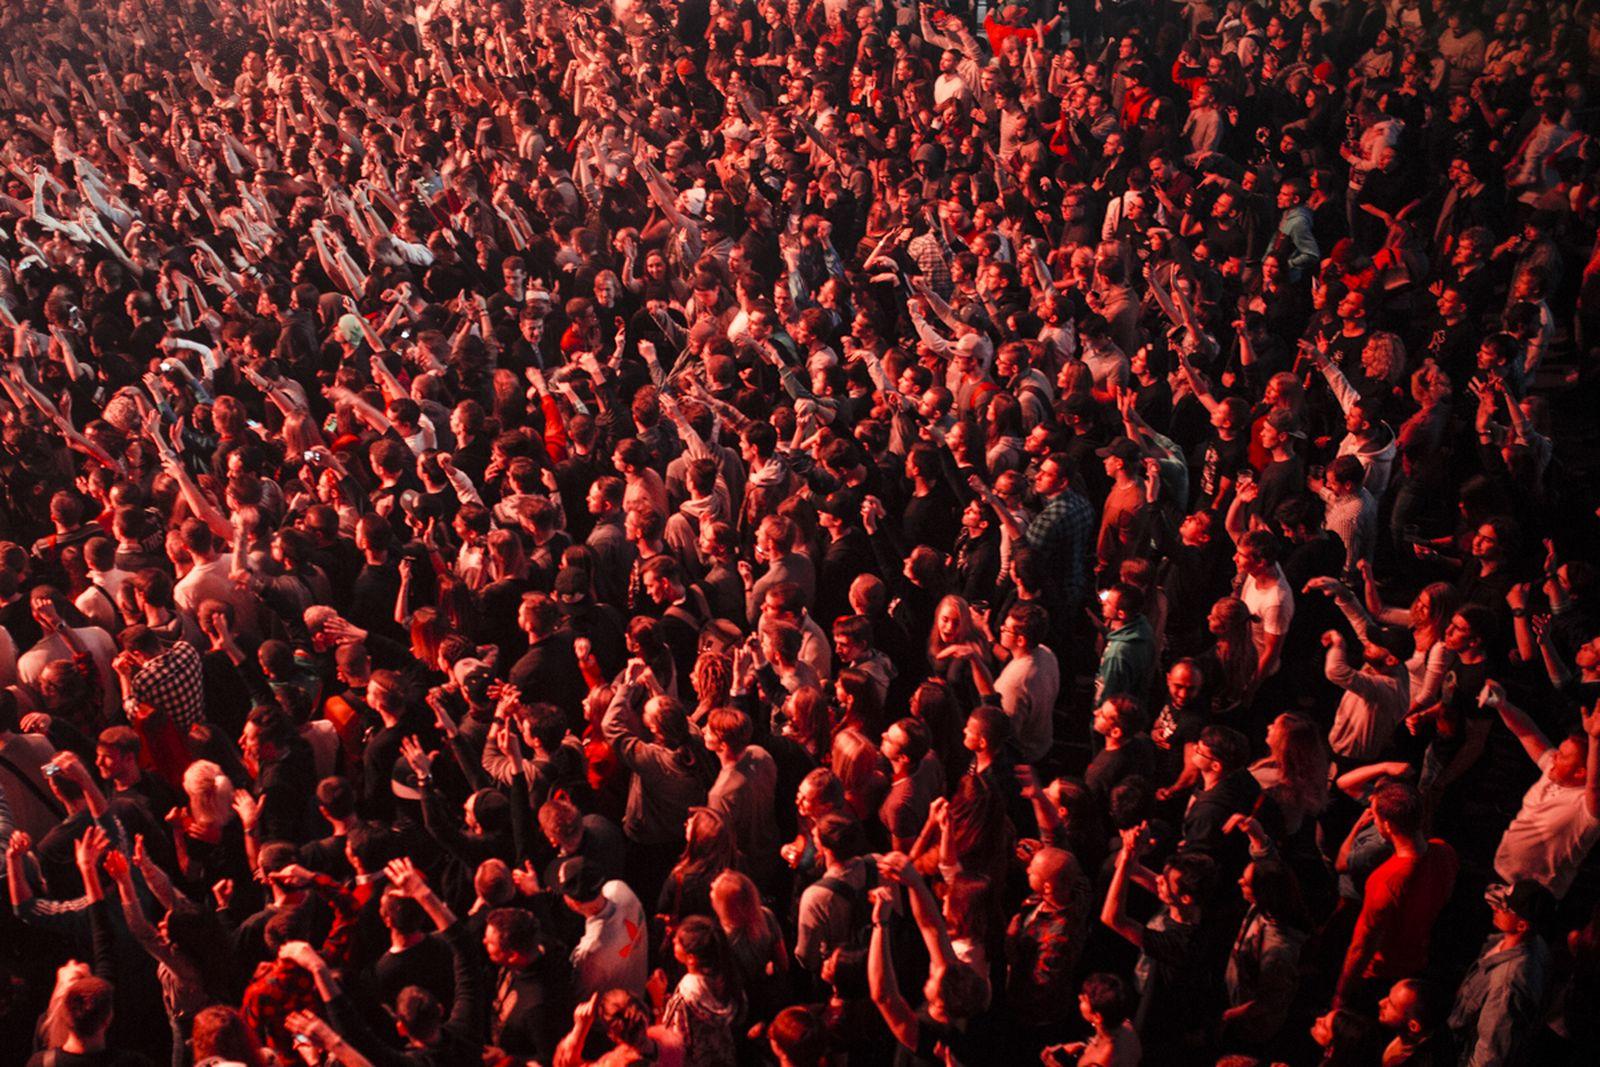 burn-battle-school-moscow-crowd 7